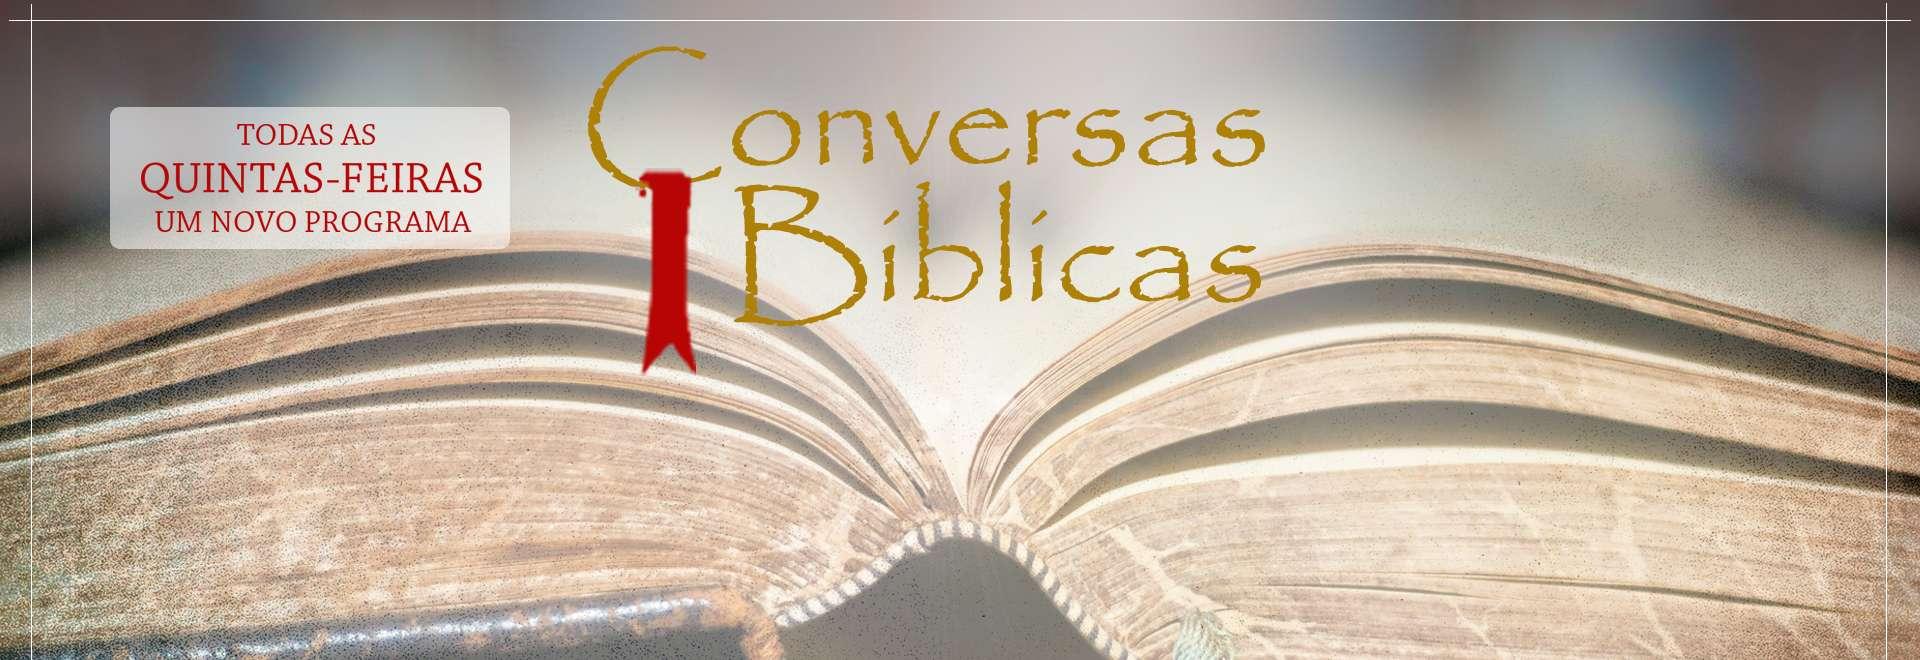 Conversas Bíblicas - Os recursos da graça - Parte 2